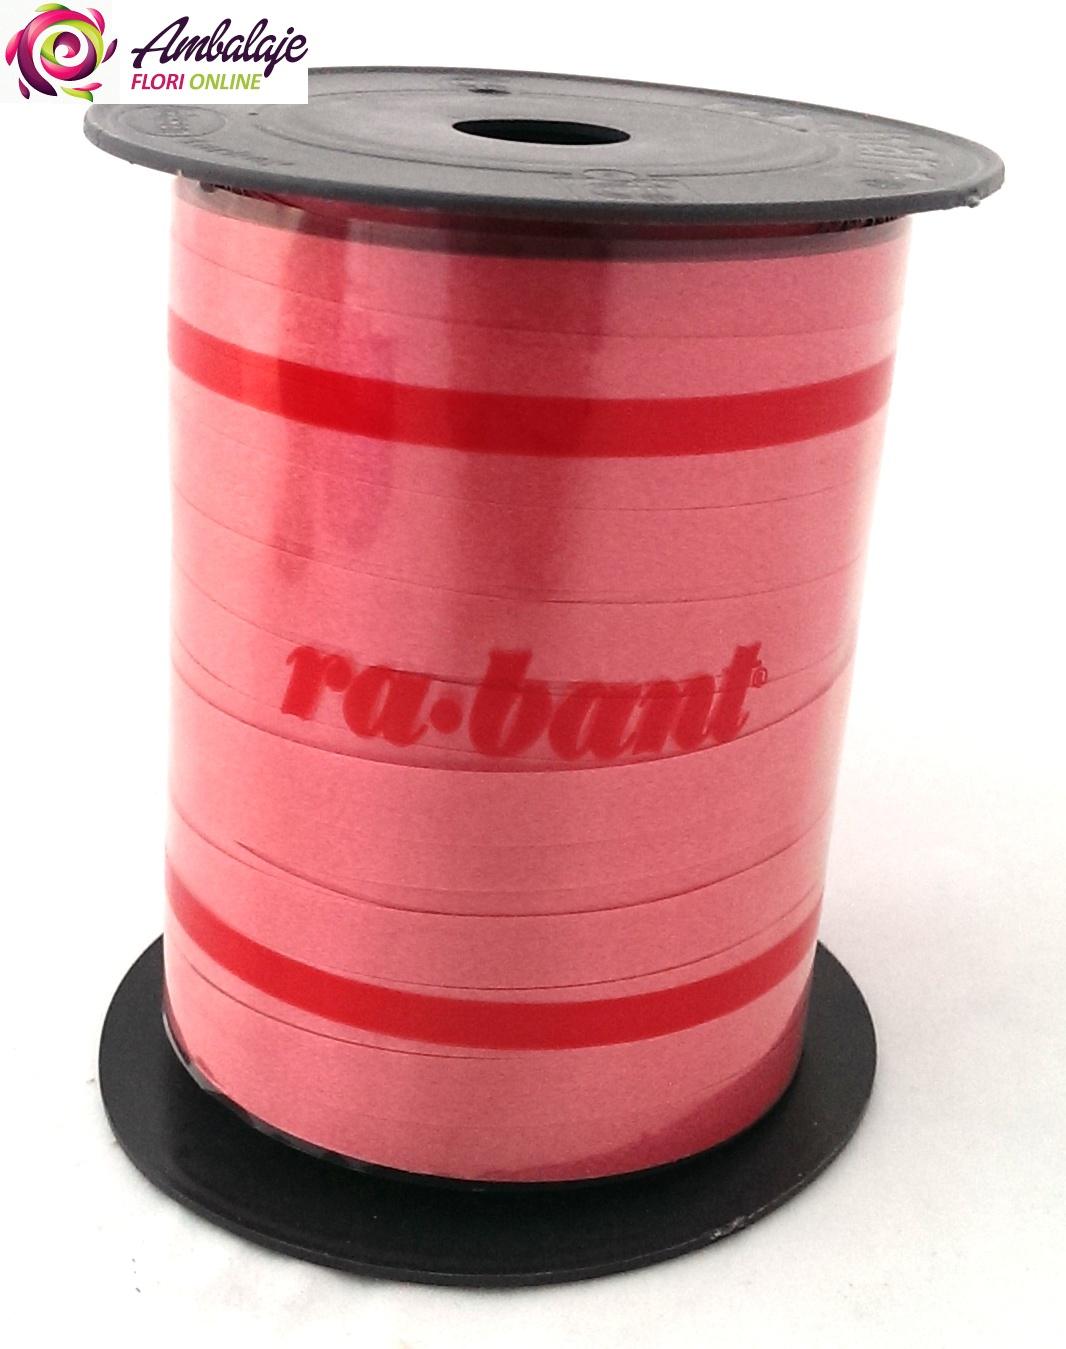 Ambalaje Flori ONLINE vinde Rola Rabant Rosie la pretul de 3.9 lei